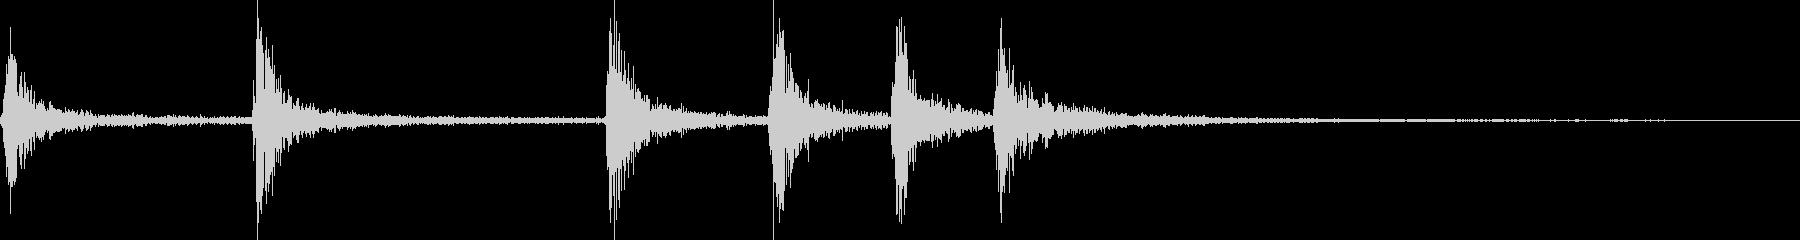 【YouTube】【物音】カランカラン!の未再生の波形